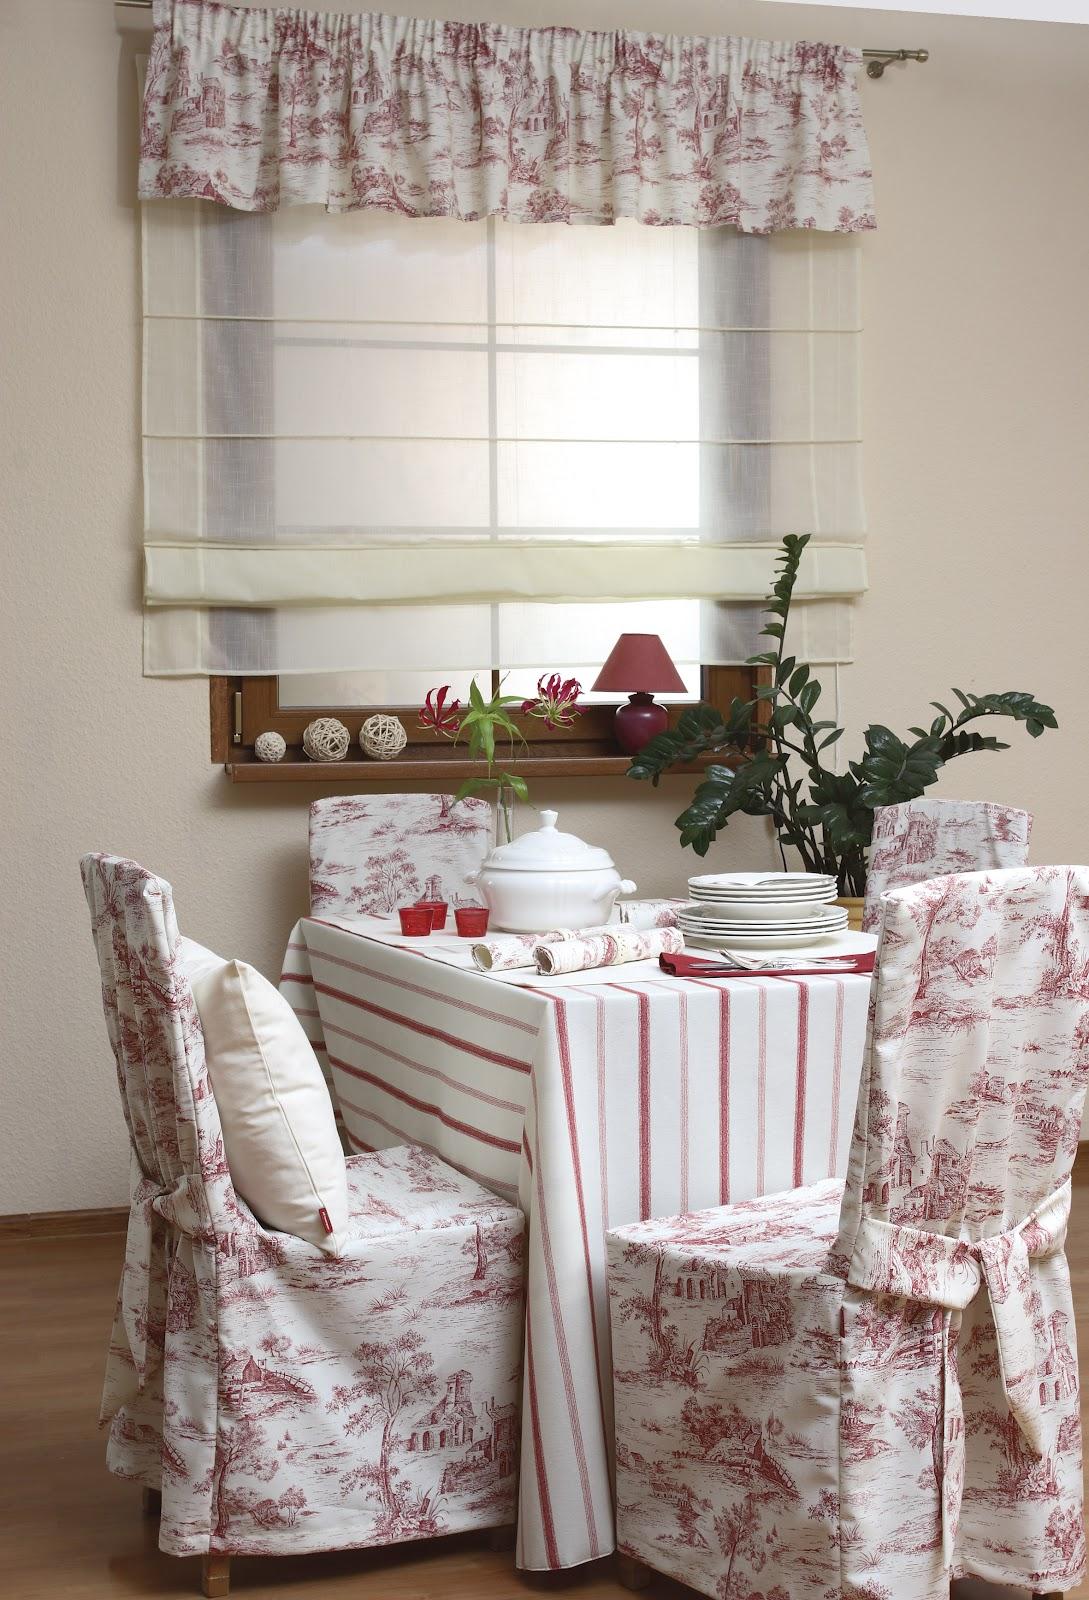 produktpr sentation stuhlhussen f r ikea modelle. Black Bedroom Furniture Sets. Home Design Ideas